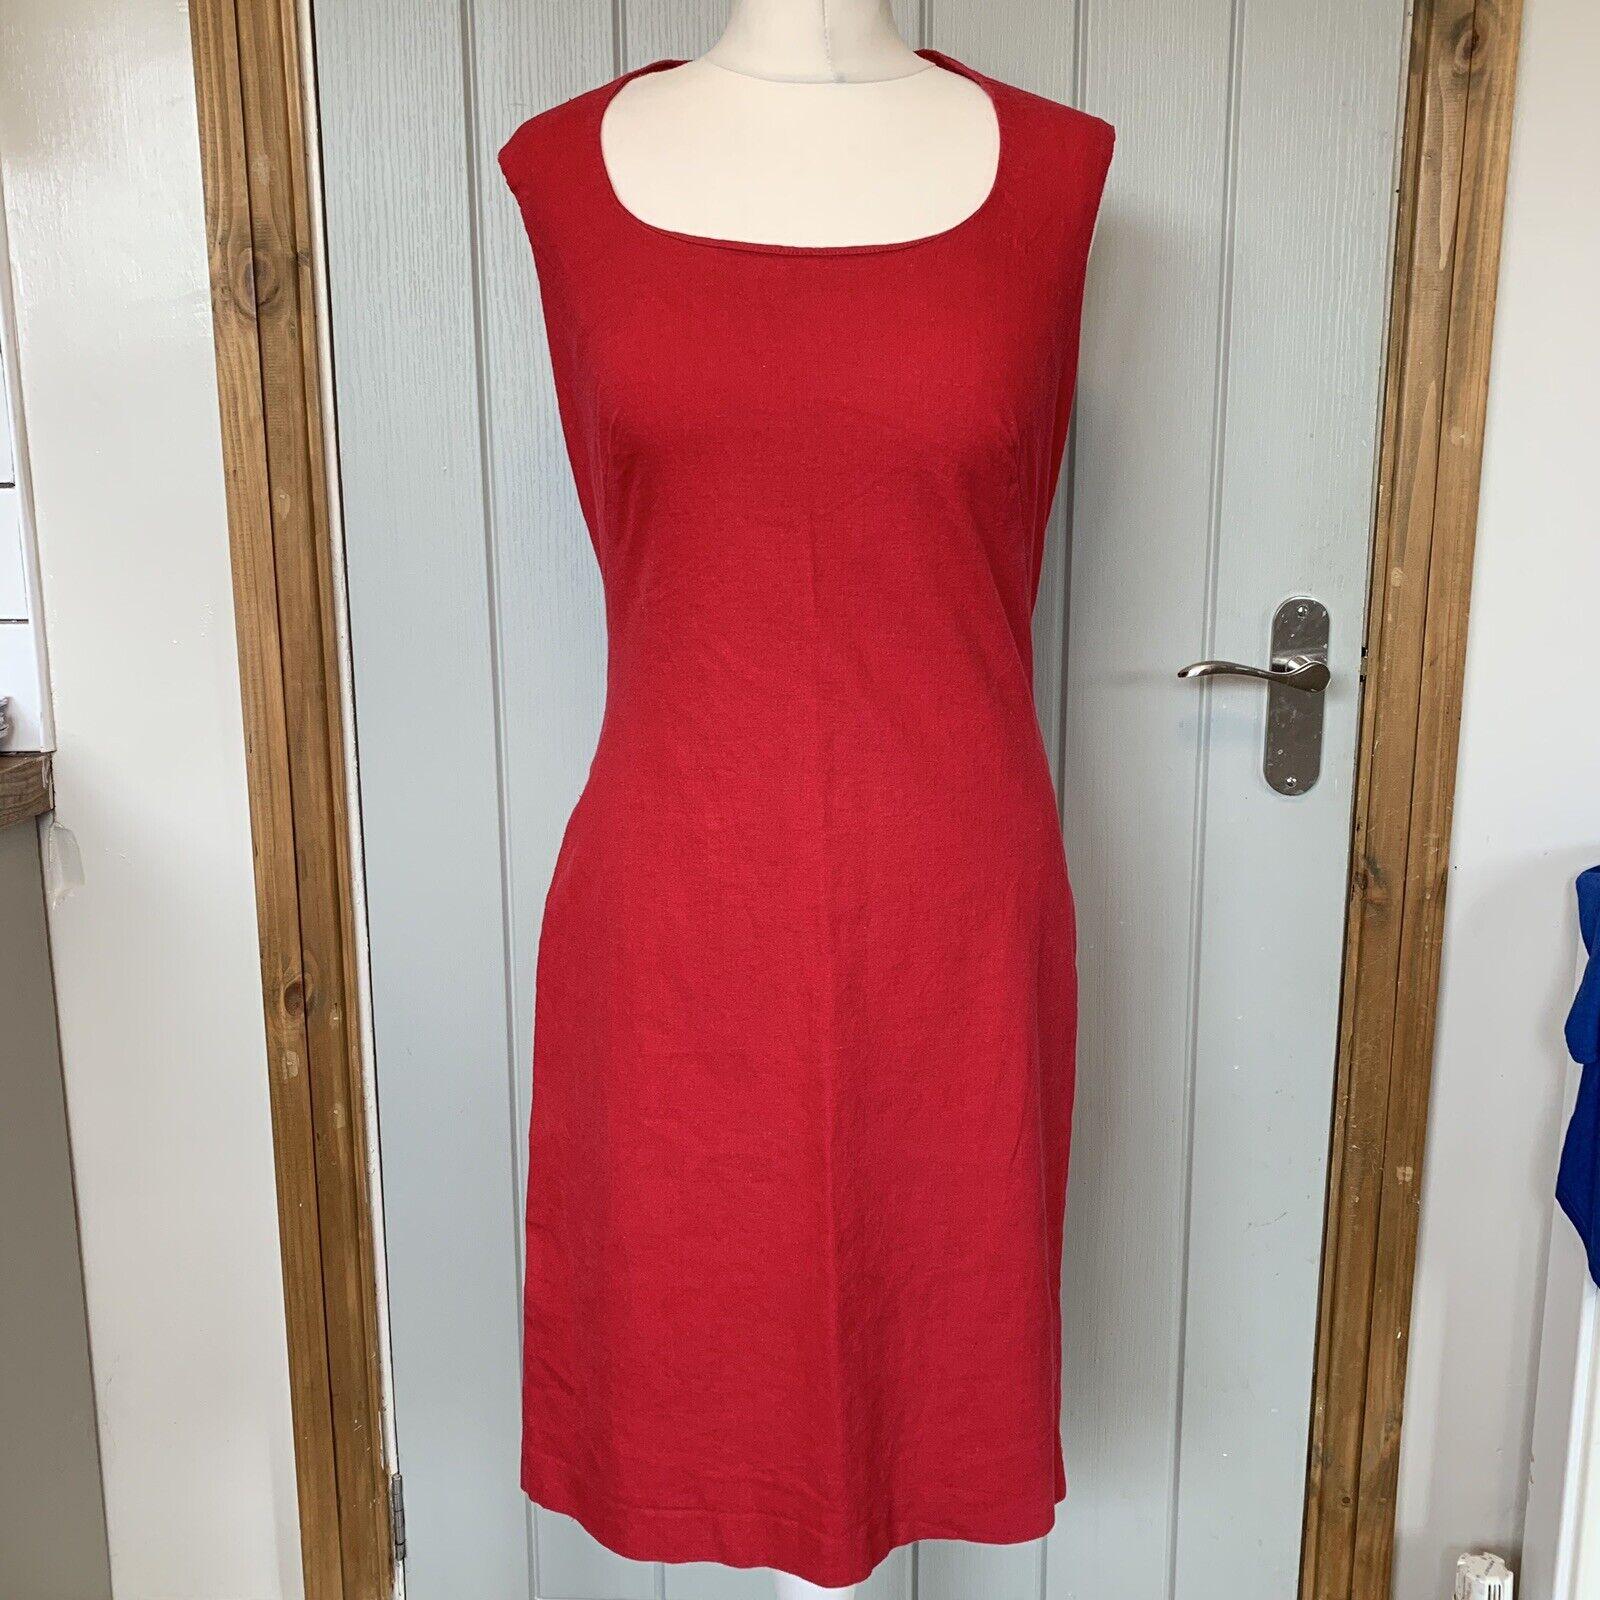 MODA INT'L LINEN BLEND RED SLEEVELESS SHIFT SUMMER DRESS CUT #7073 SIZE 10. (a8)